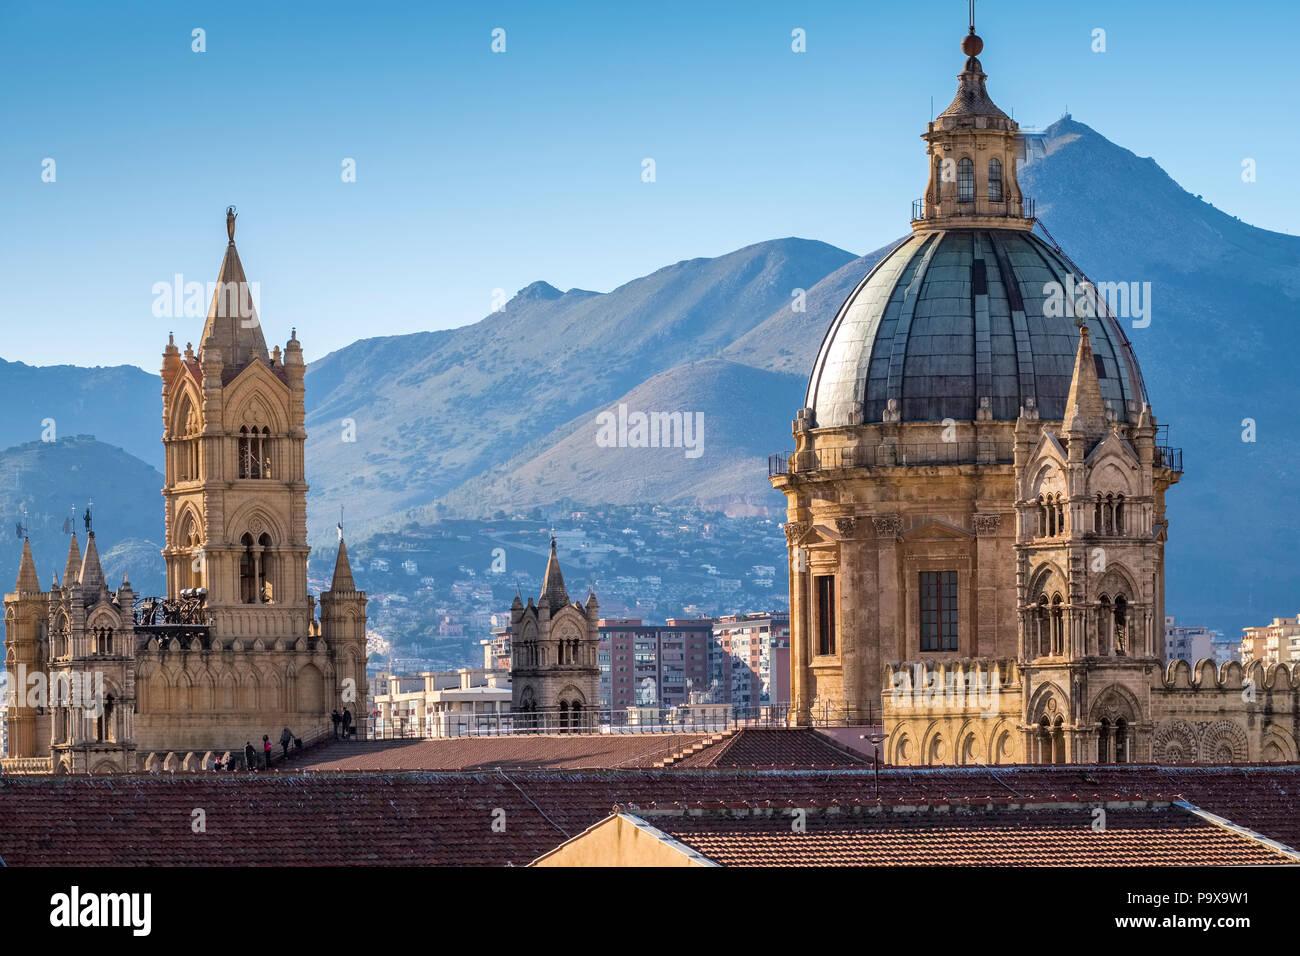 Sizilien, Italien - Skyline von Palermo, Sizilien, Europa und zeigt die Kuppel der Kathedrale von Palermo und Architektur Stockbild